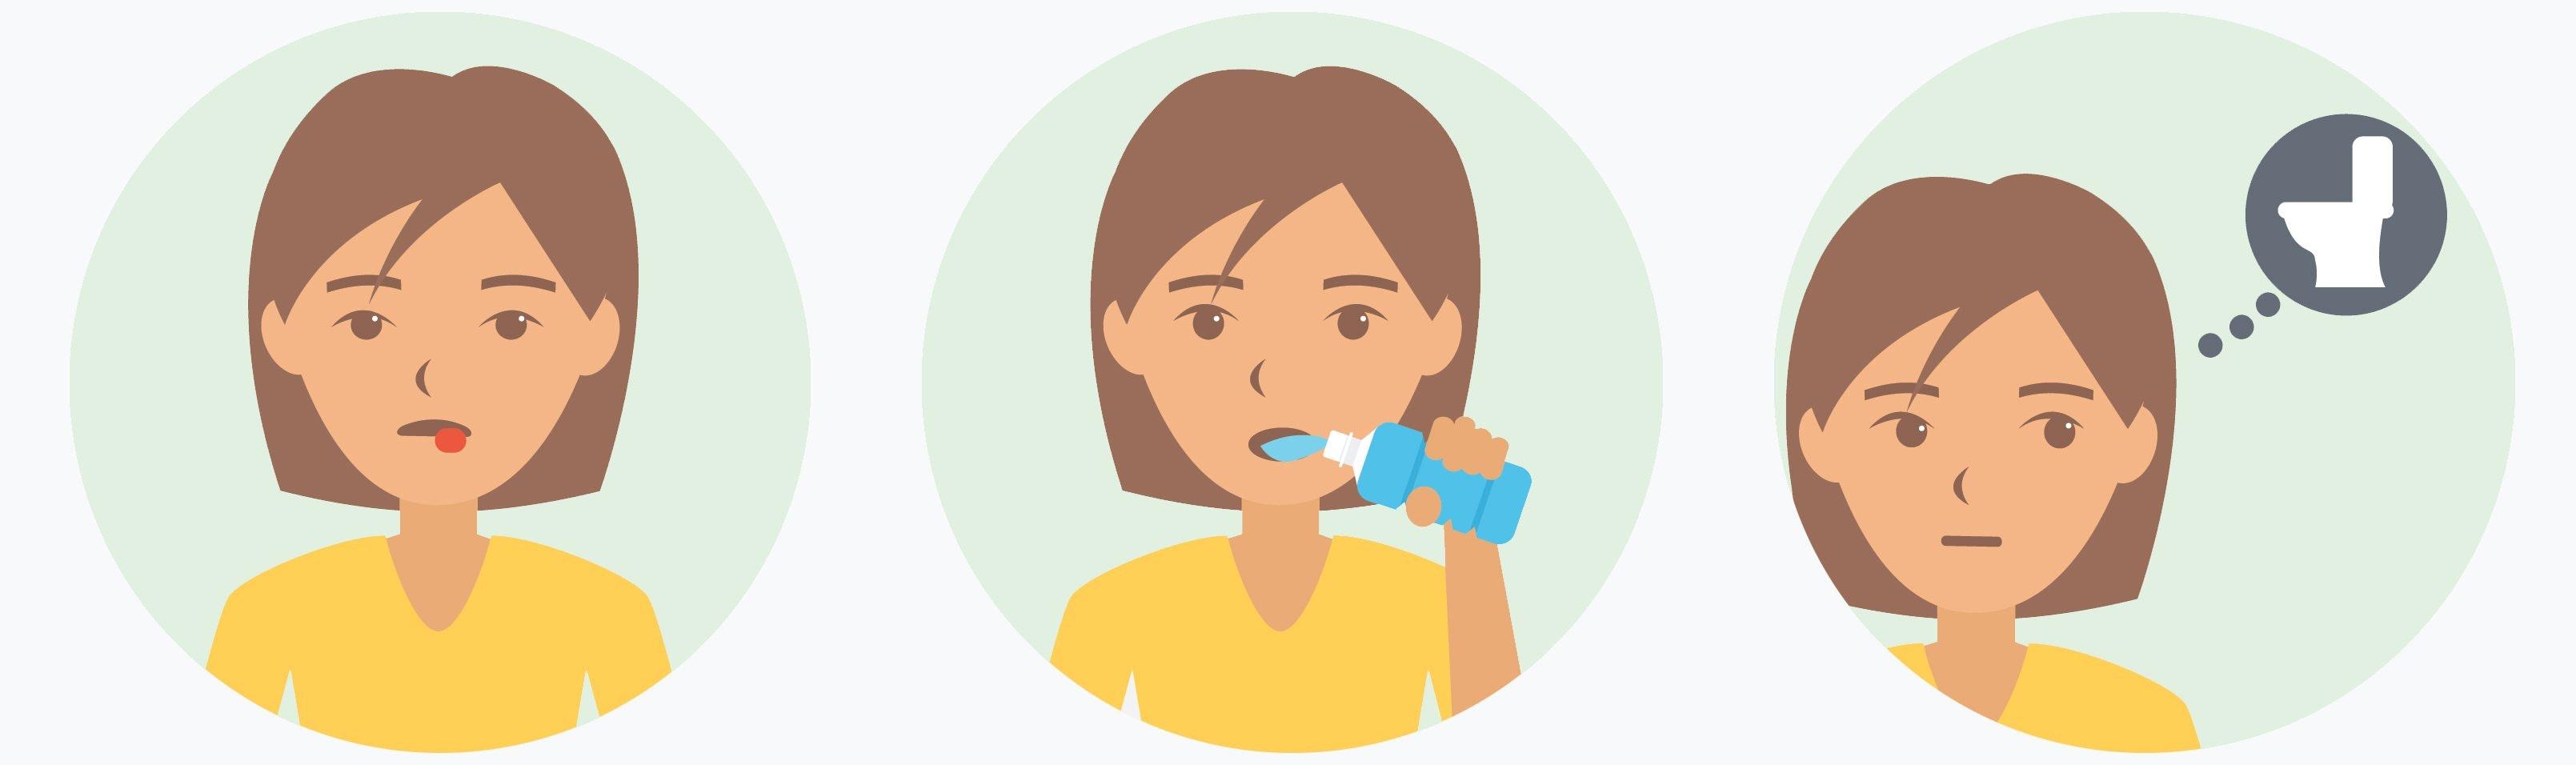 sintomas de cetosis nutricional